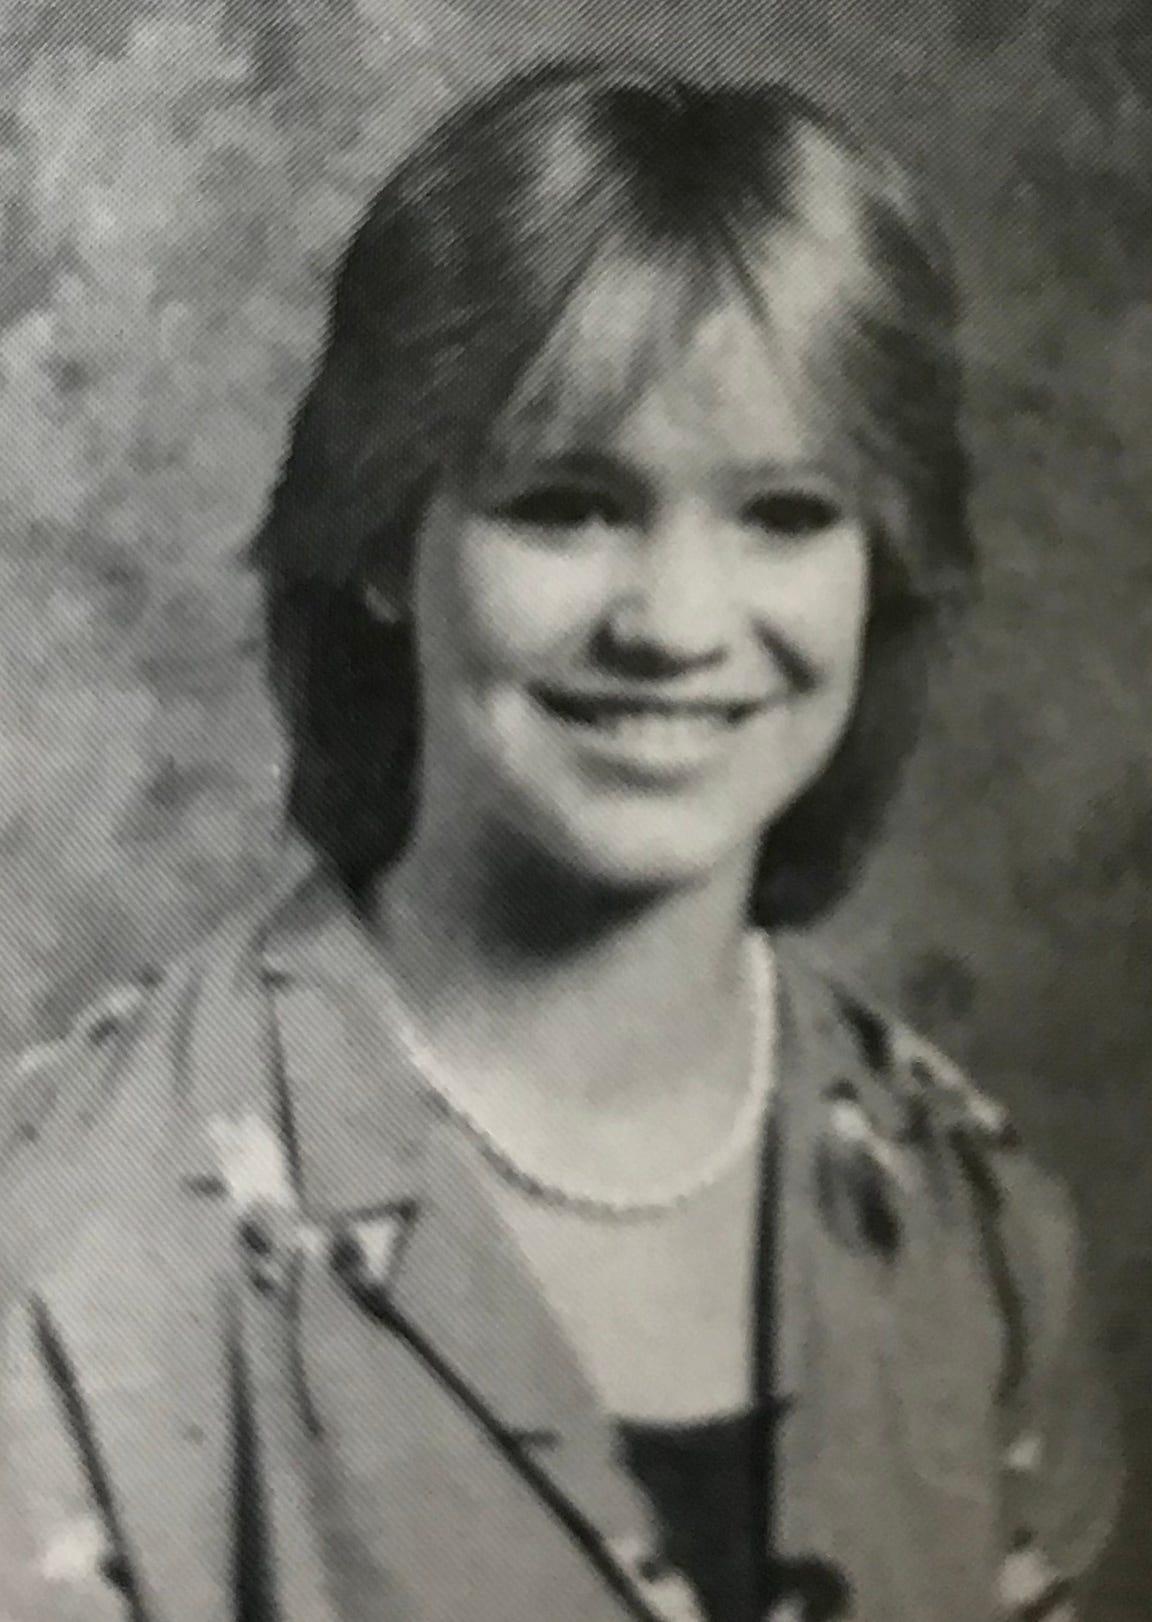 Shelley Love Baldwin in eighth grade.